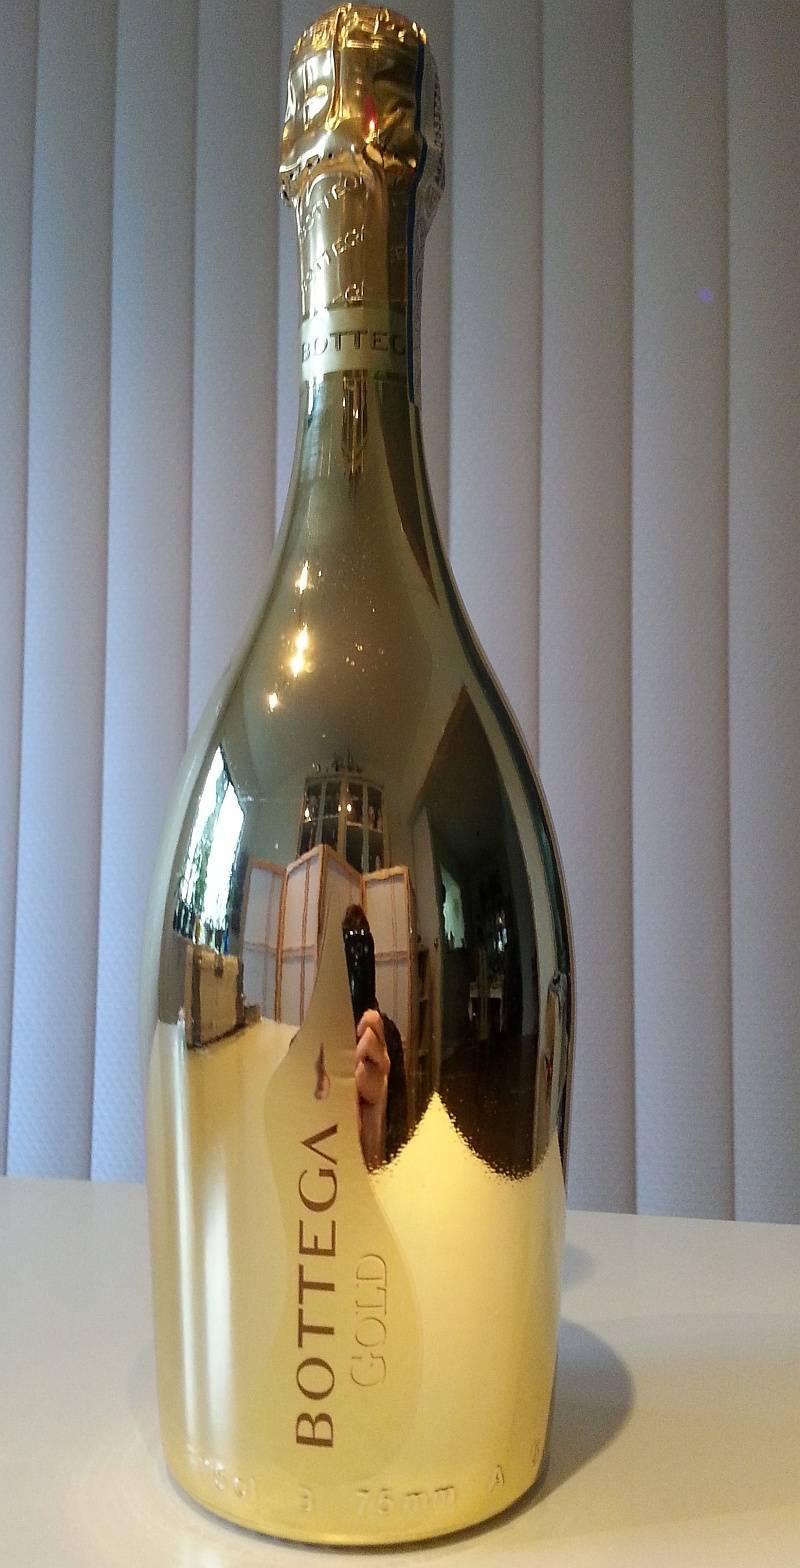 Почему на новый год пьют шампанское и что предпочитают в других странах